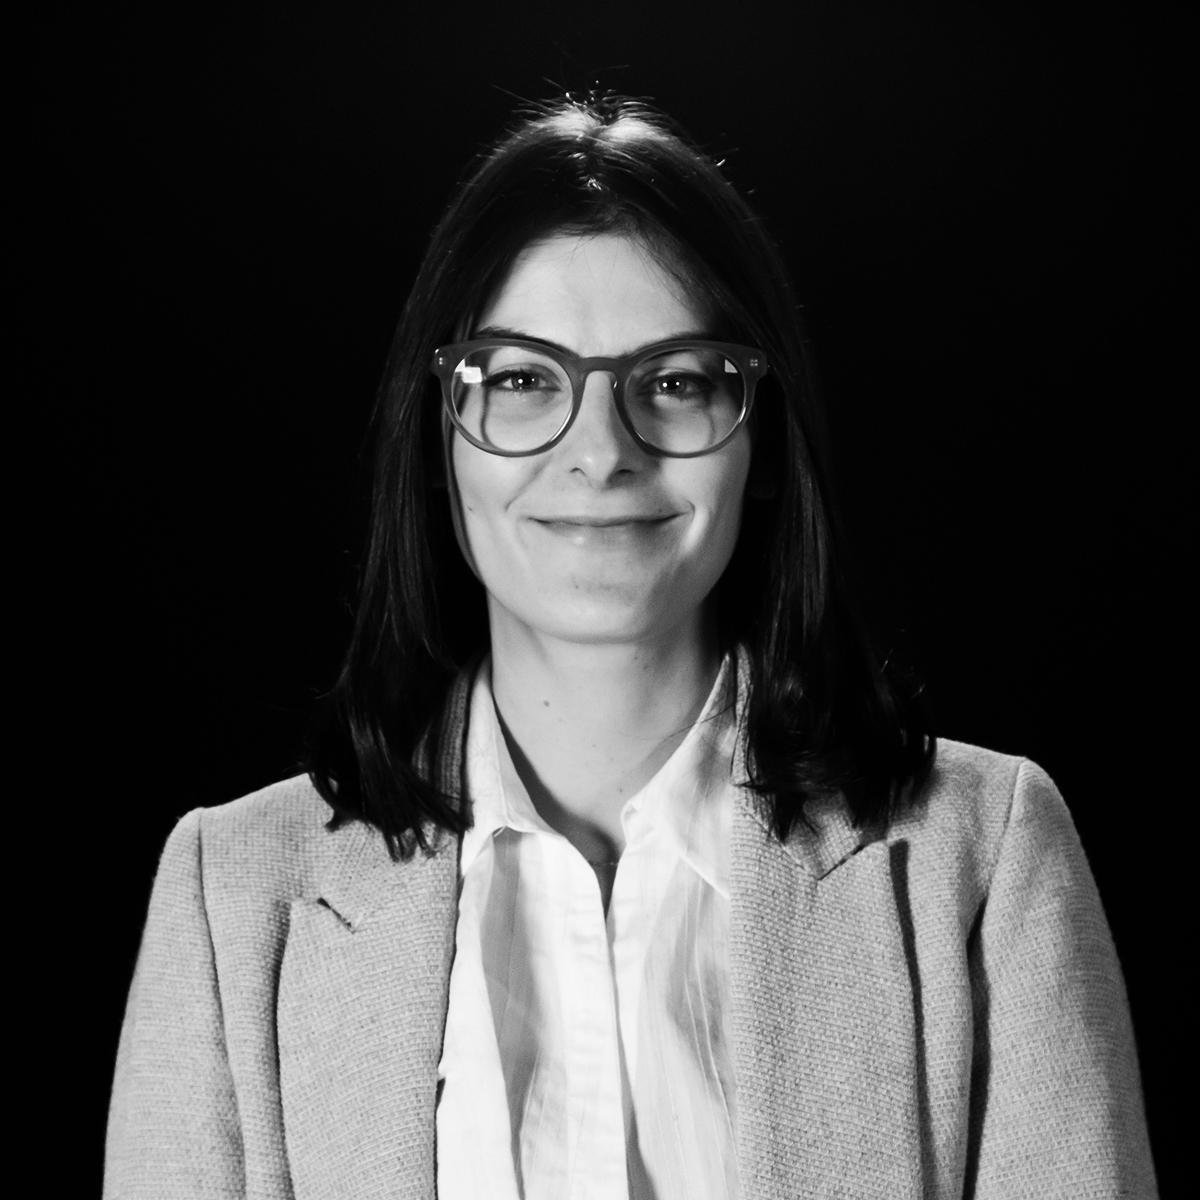 Alexis Sirakis